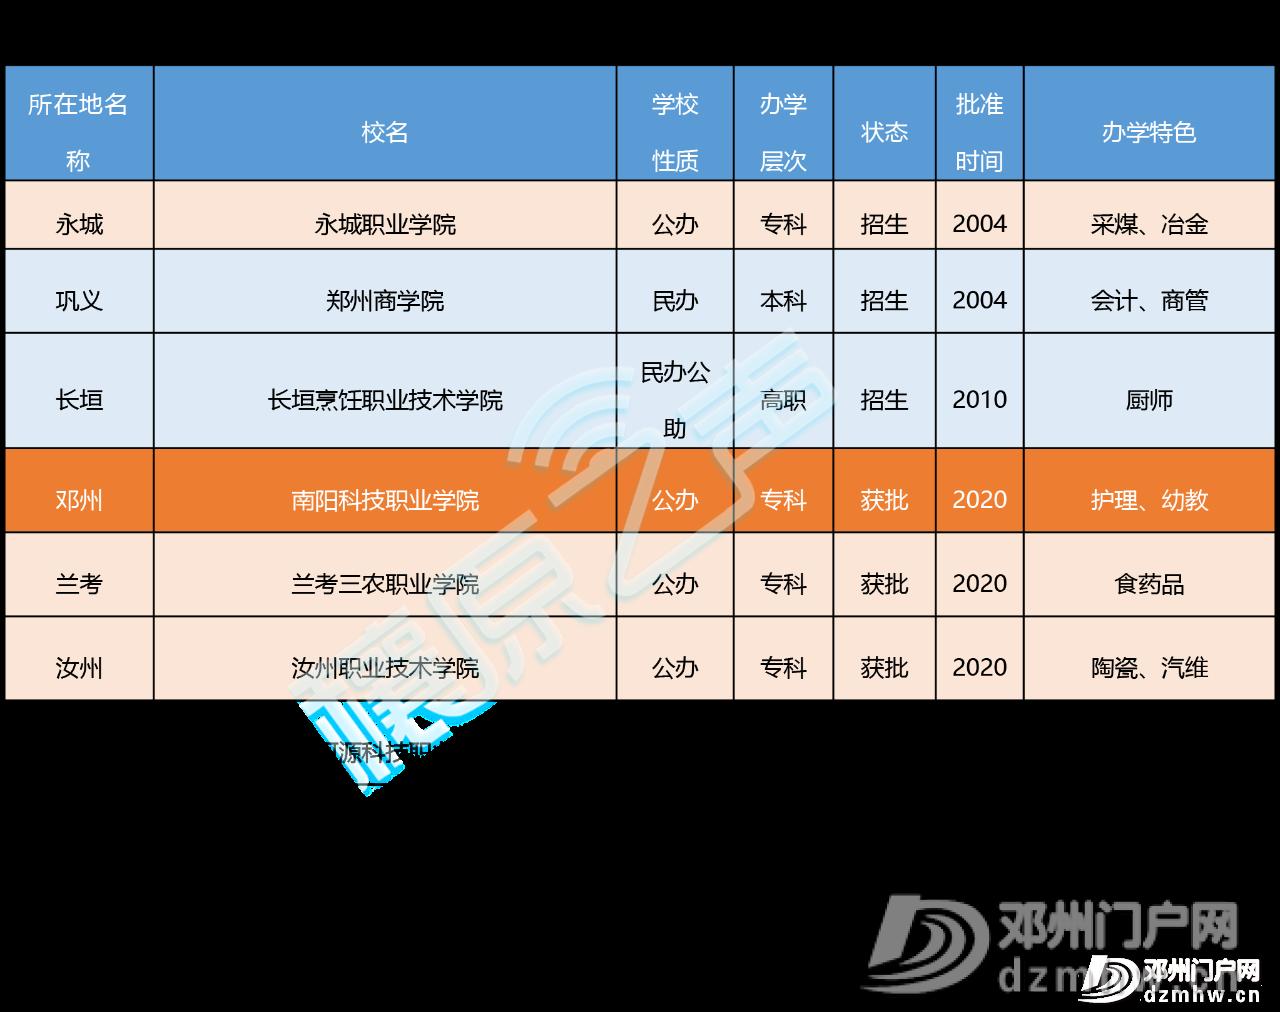 喜讯||邓州第一所大学通过教育部备案审批,终圆大学梦 - 邓州门户网|邓州网 - 8091219a59669c58d89e08b3f79d3a4a.png